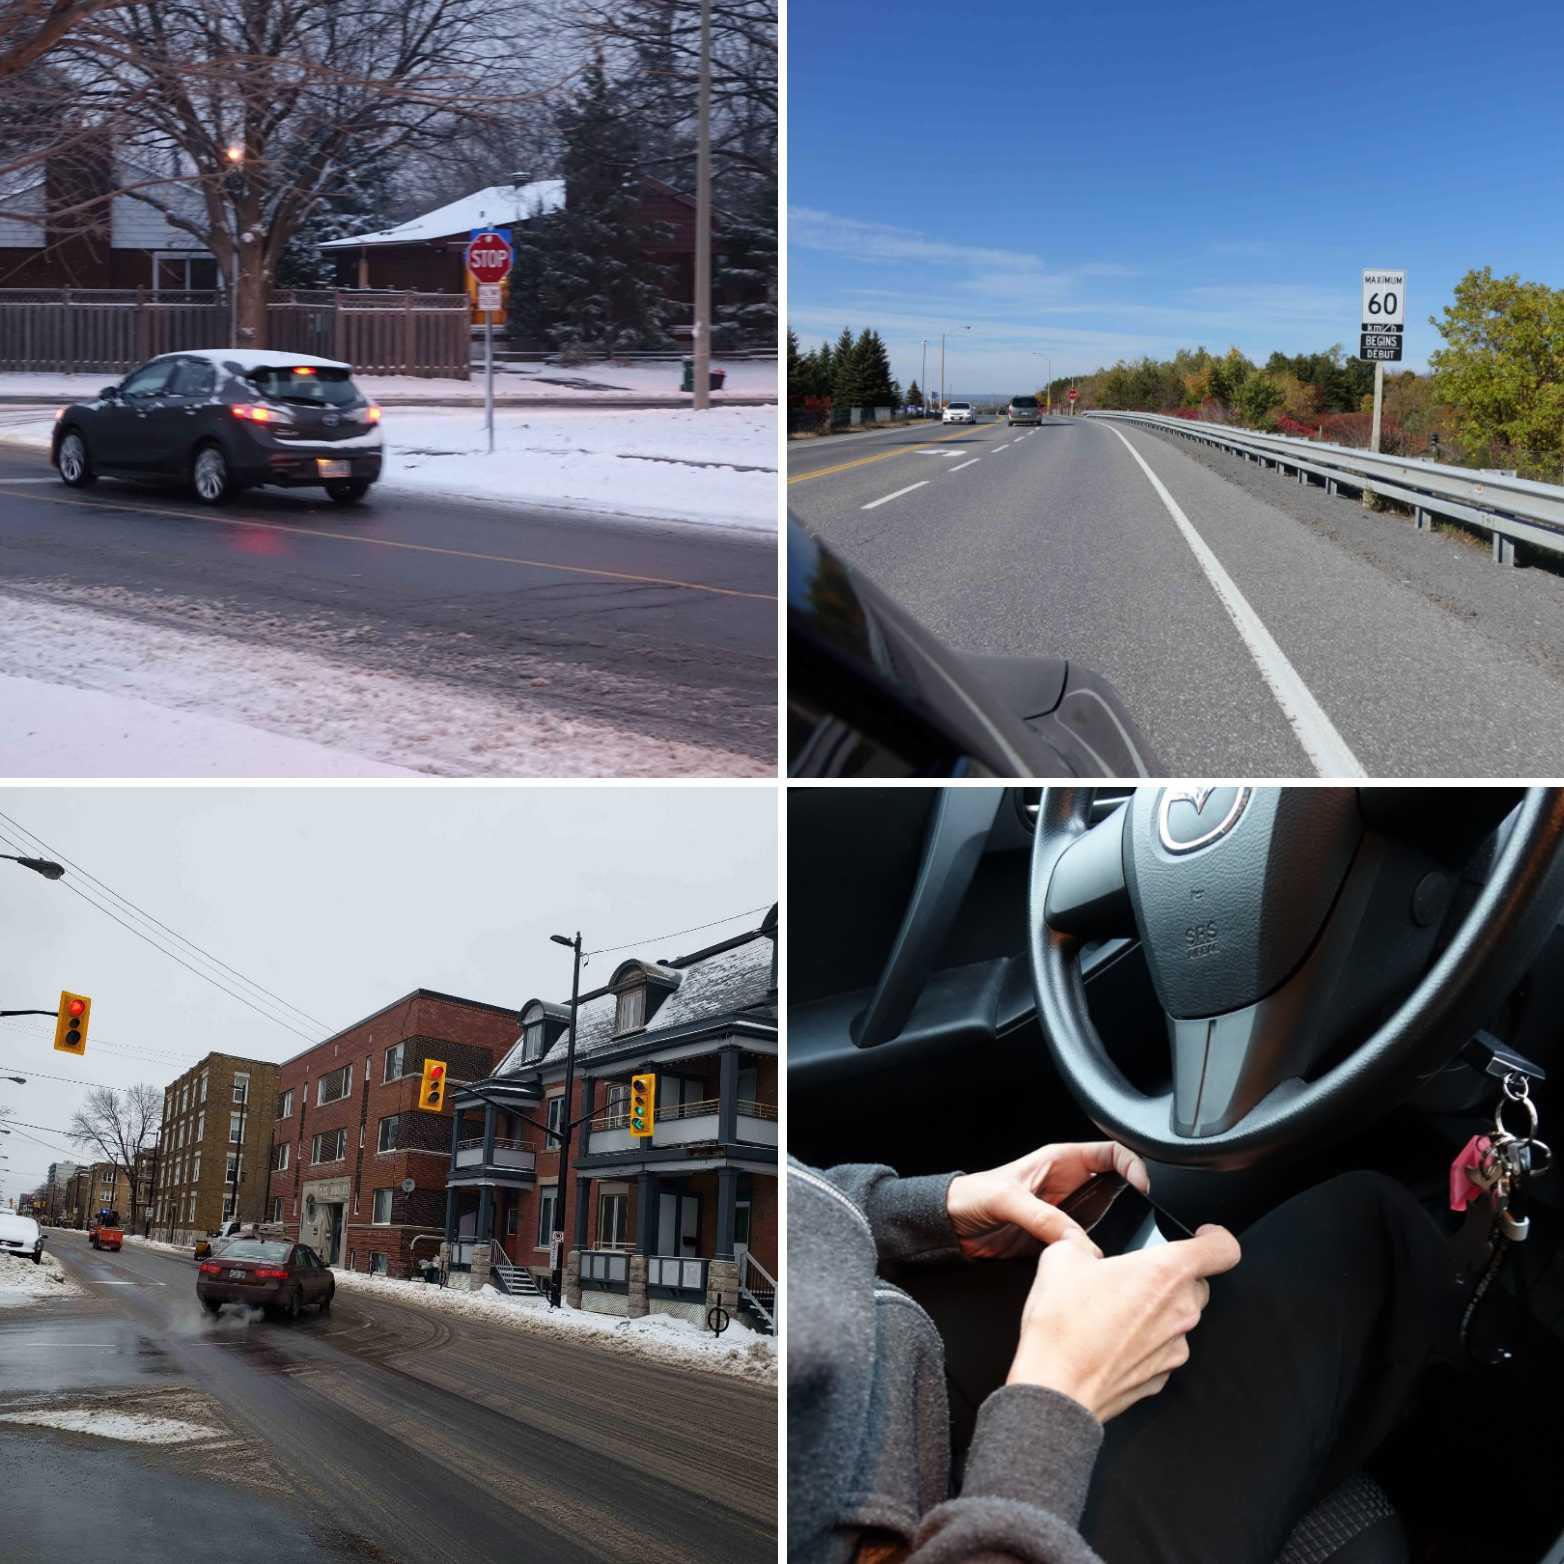 Top 4 driving infractions in 2019